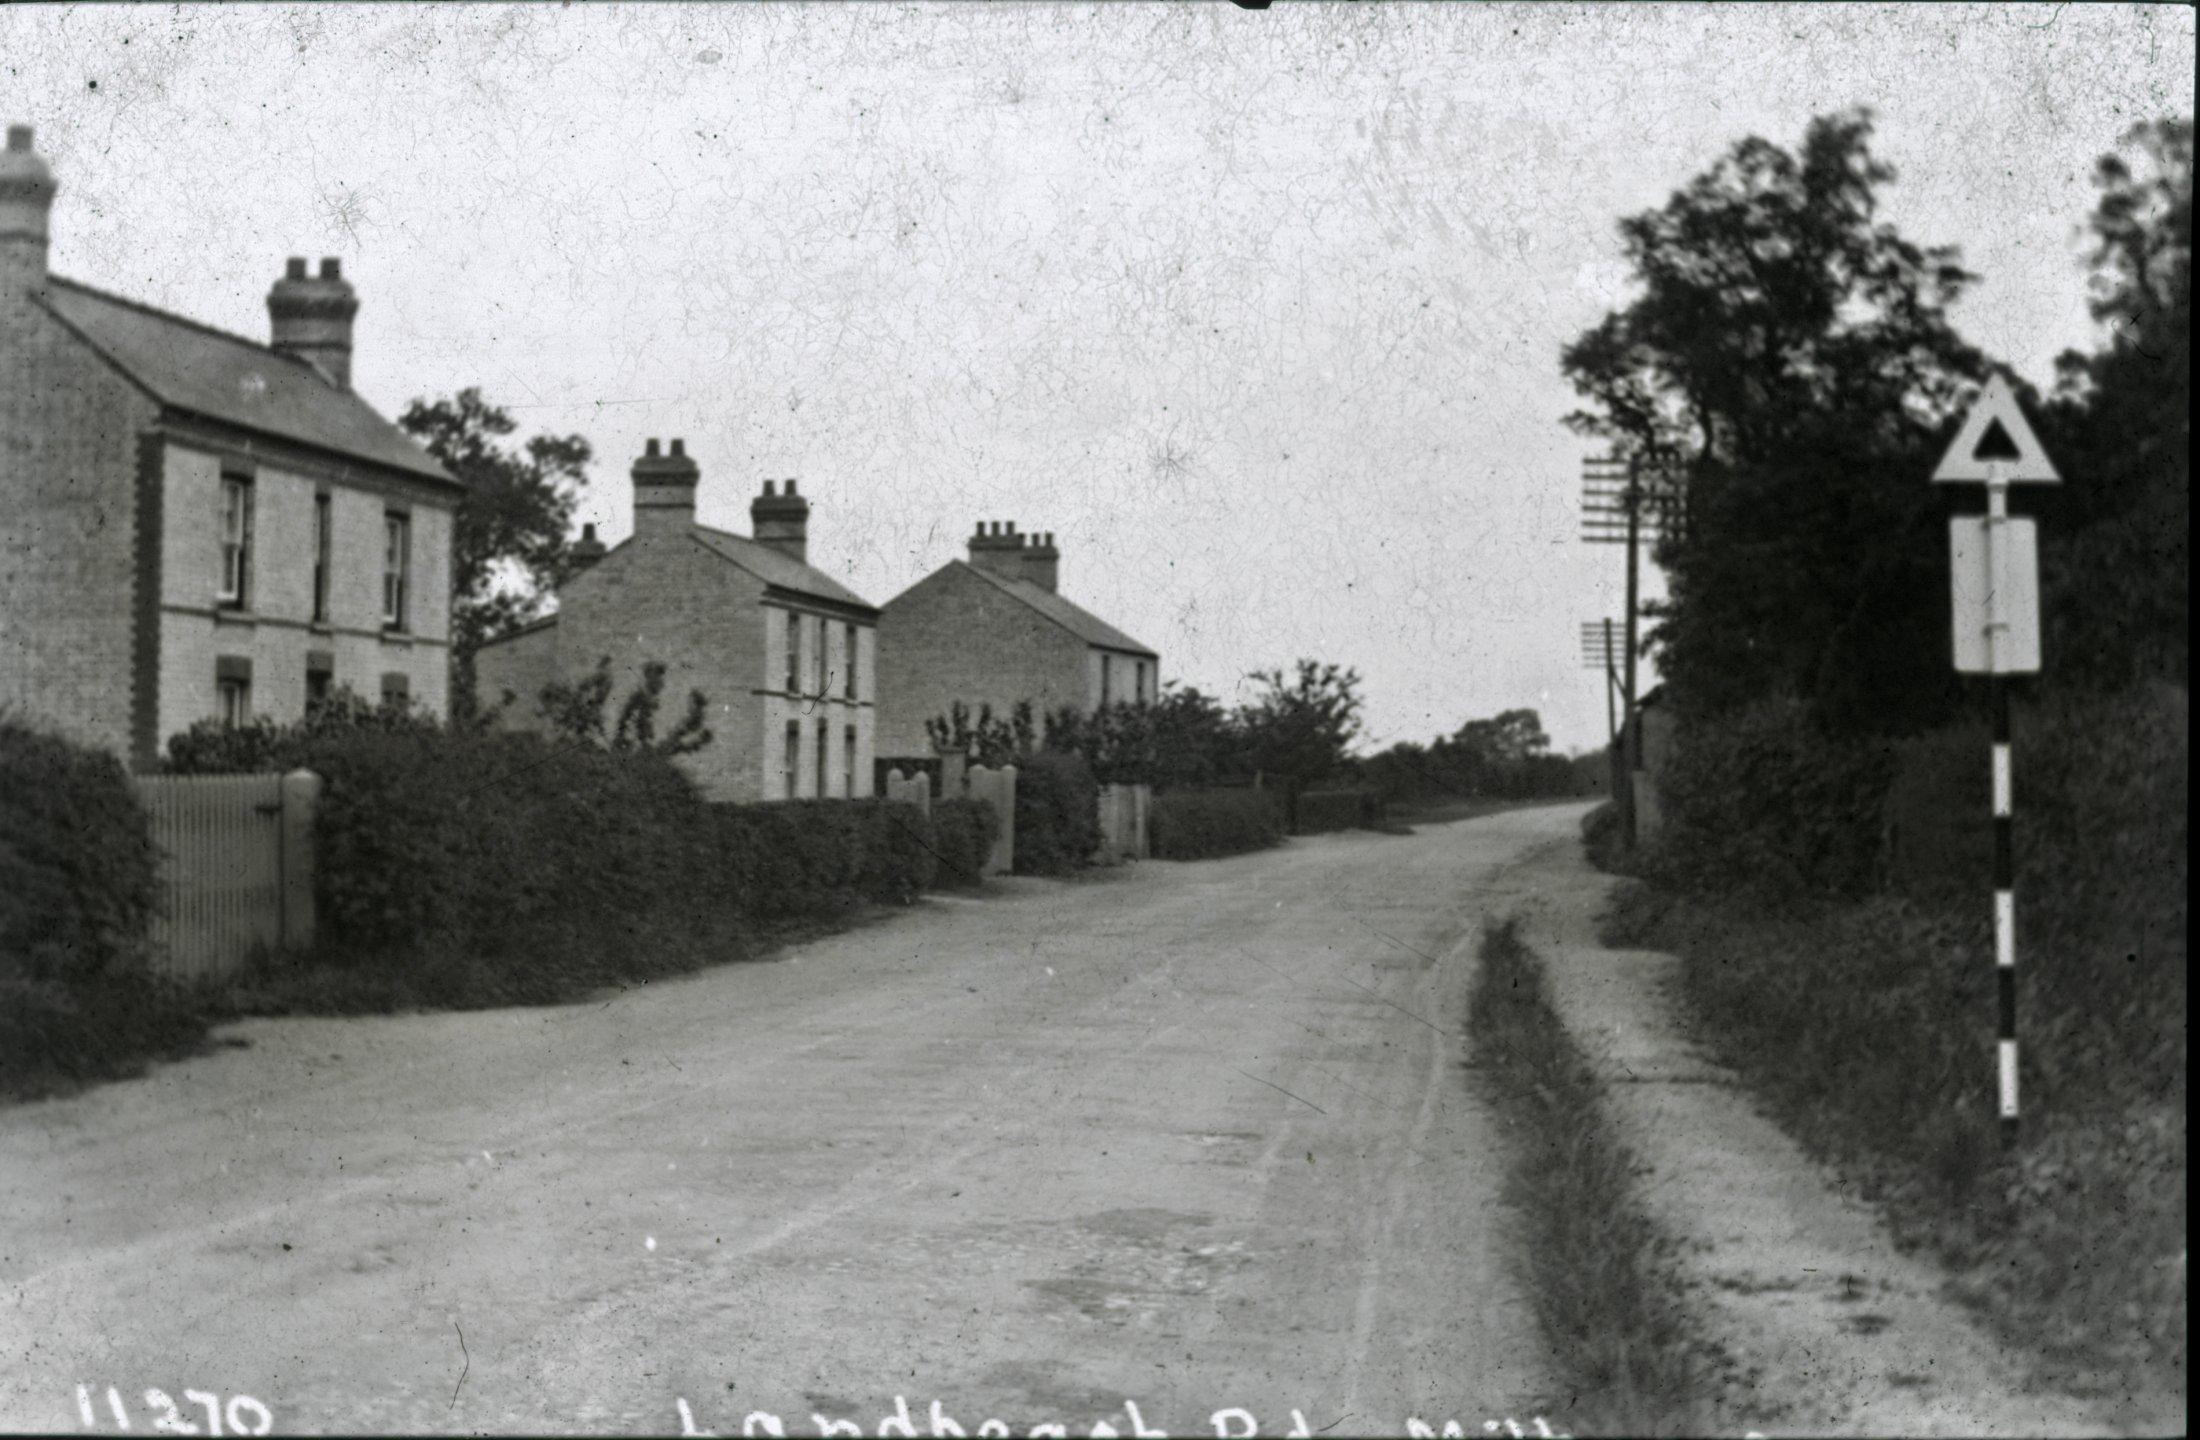 Landbeach Road - showing the house 'Braemar'